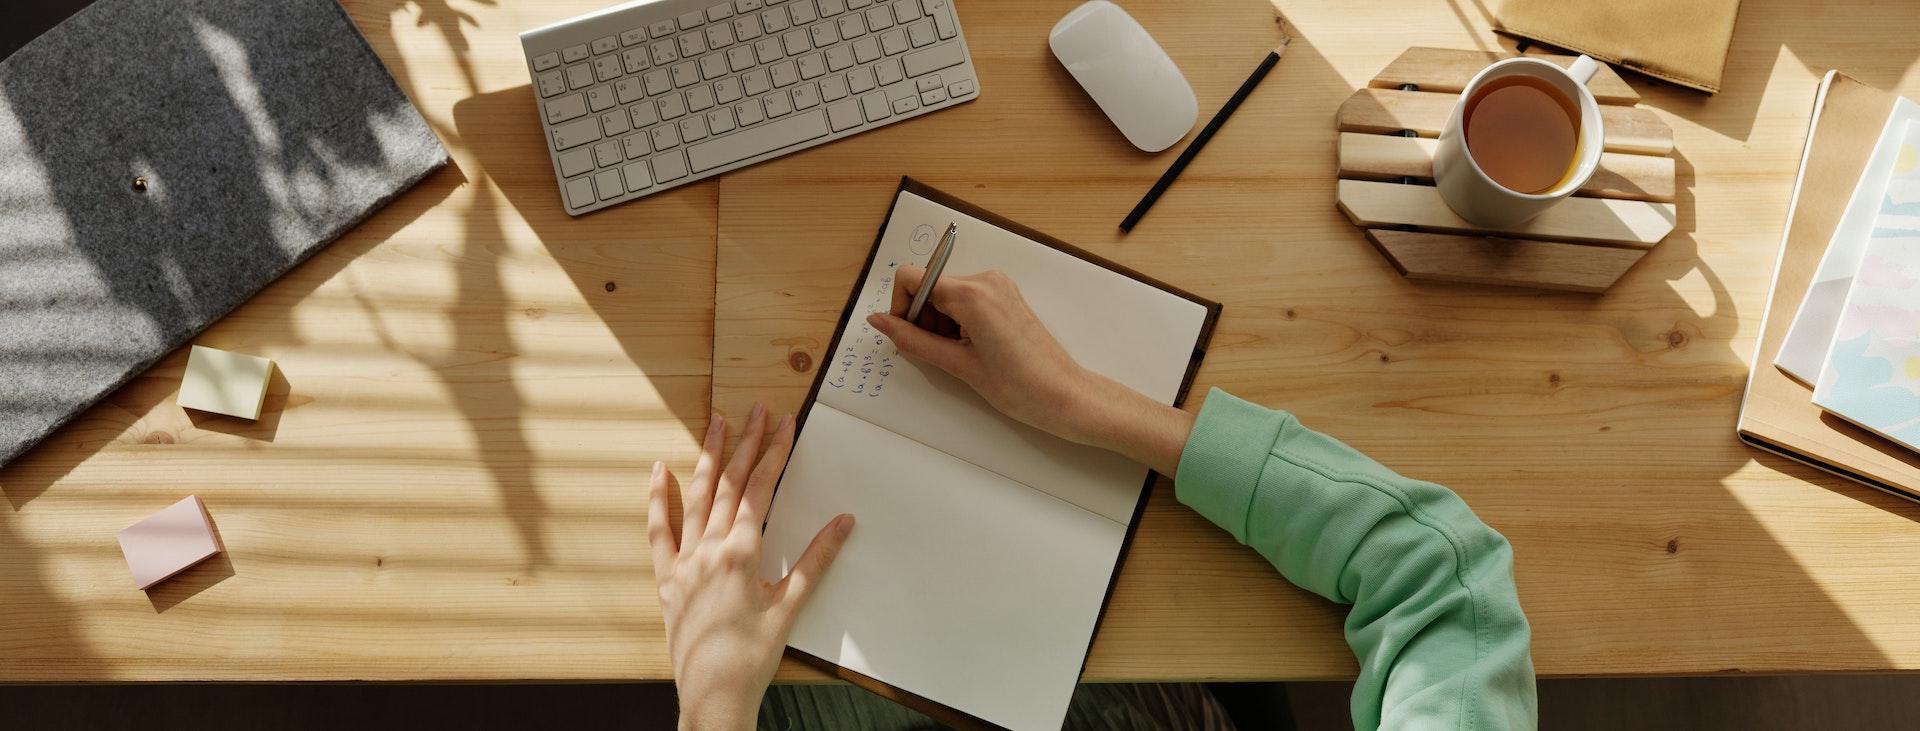 Hands on desktop writing in notebook